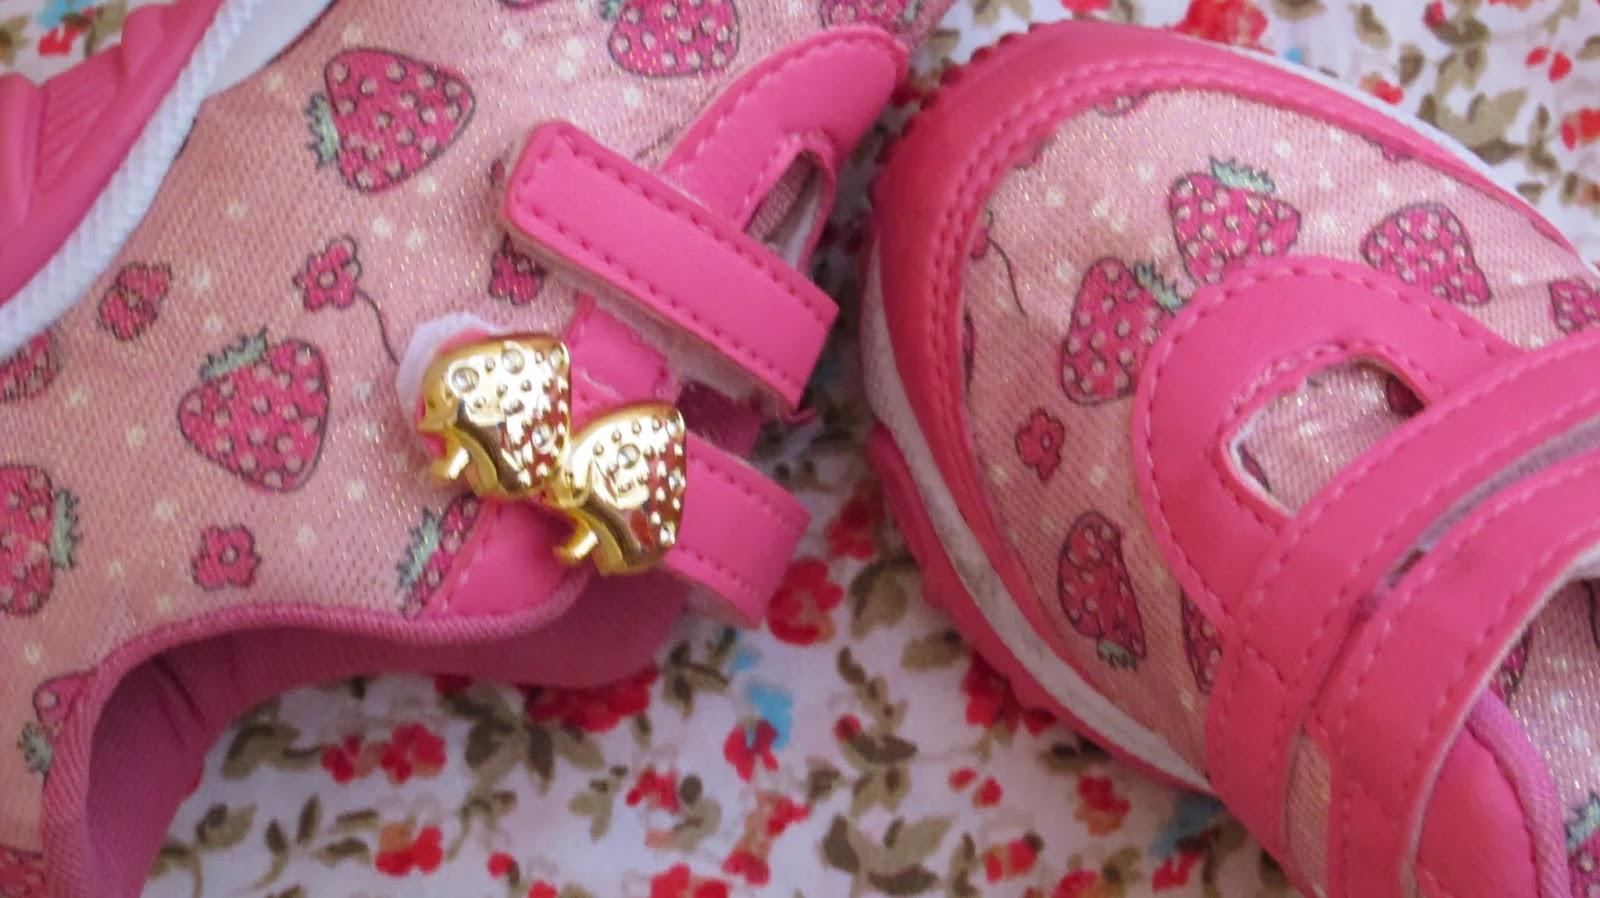 Tênis Infantil, tenis Feminino, tenis rosa,  tênis para criança, Shoes,Infant,Female,tênis para menina, calçados bom bonito barato,blog materno, maternidade, moda infantil, enxoval  de bebe